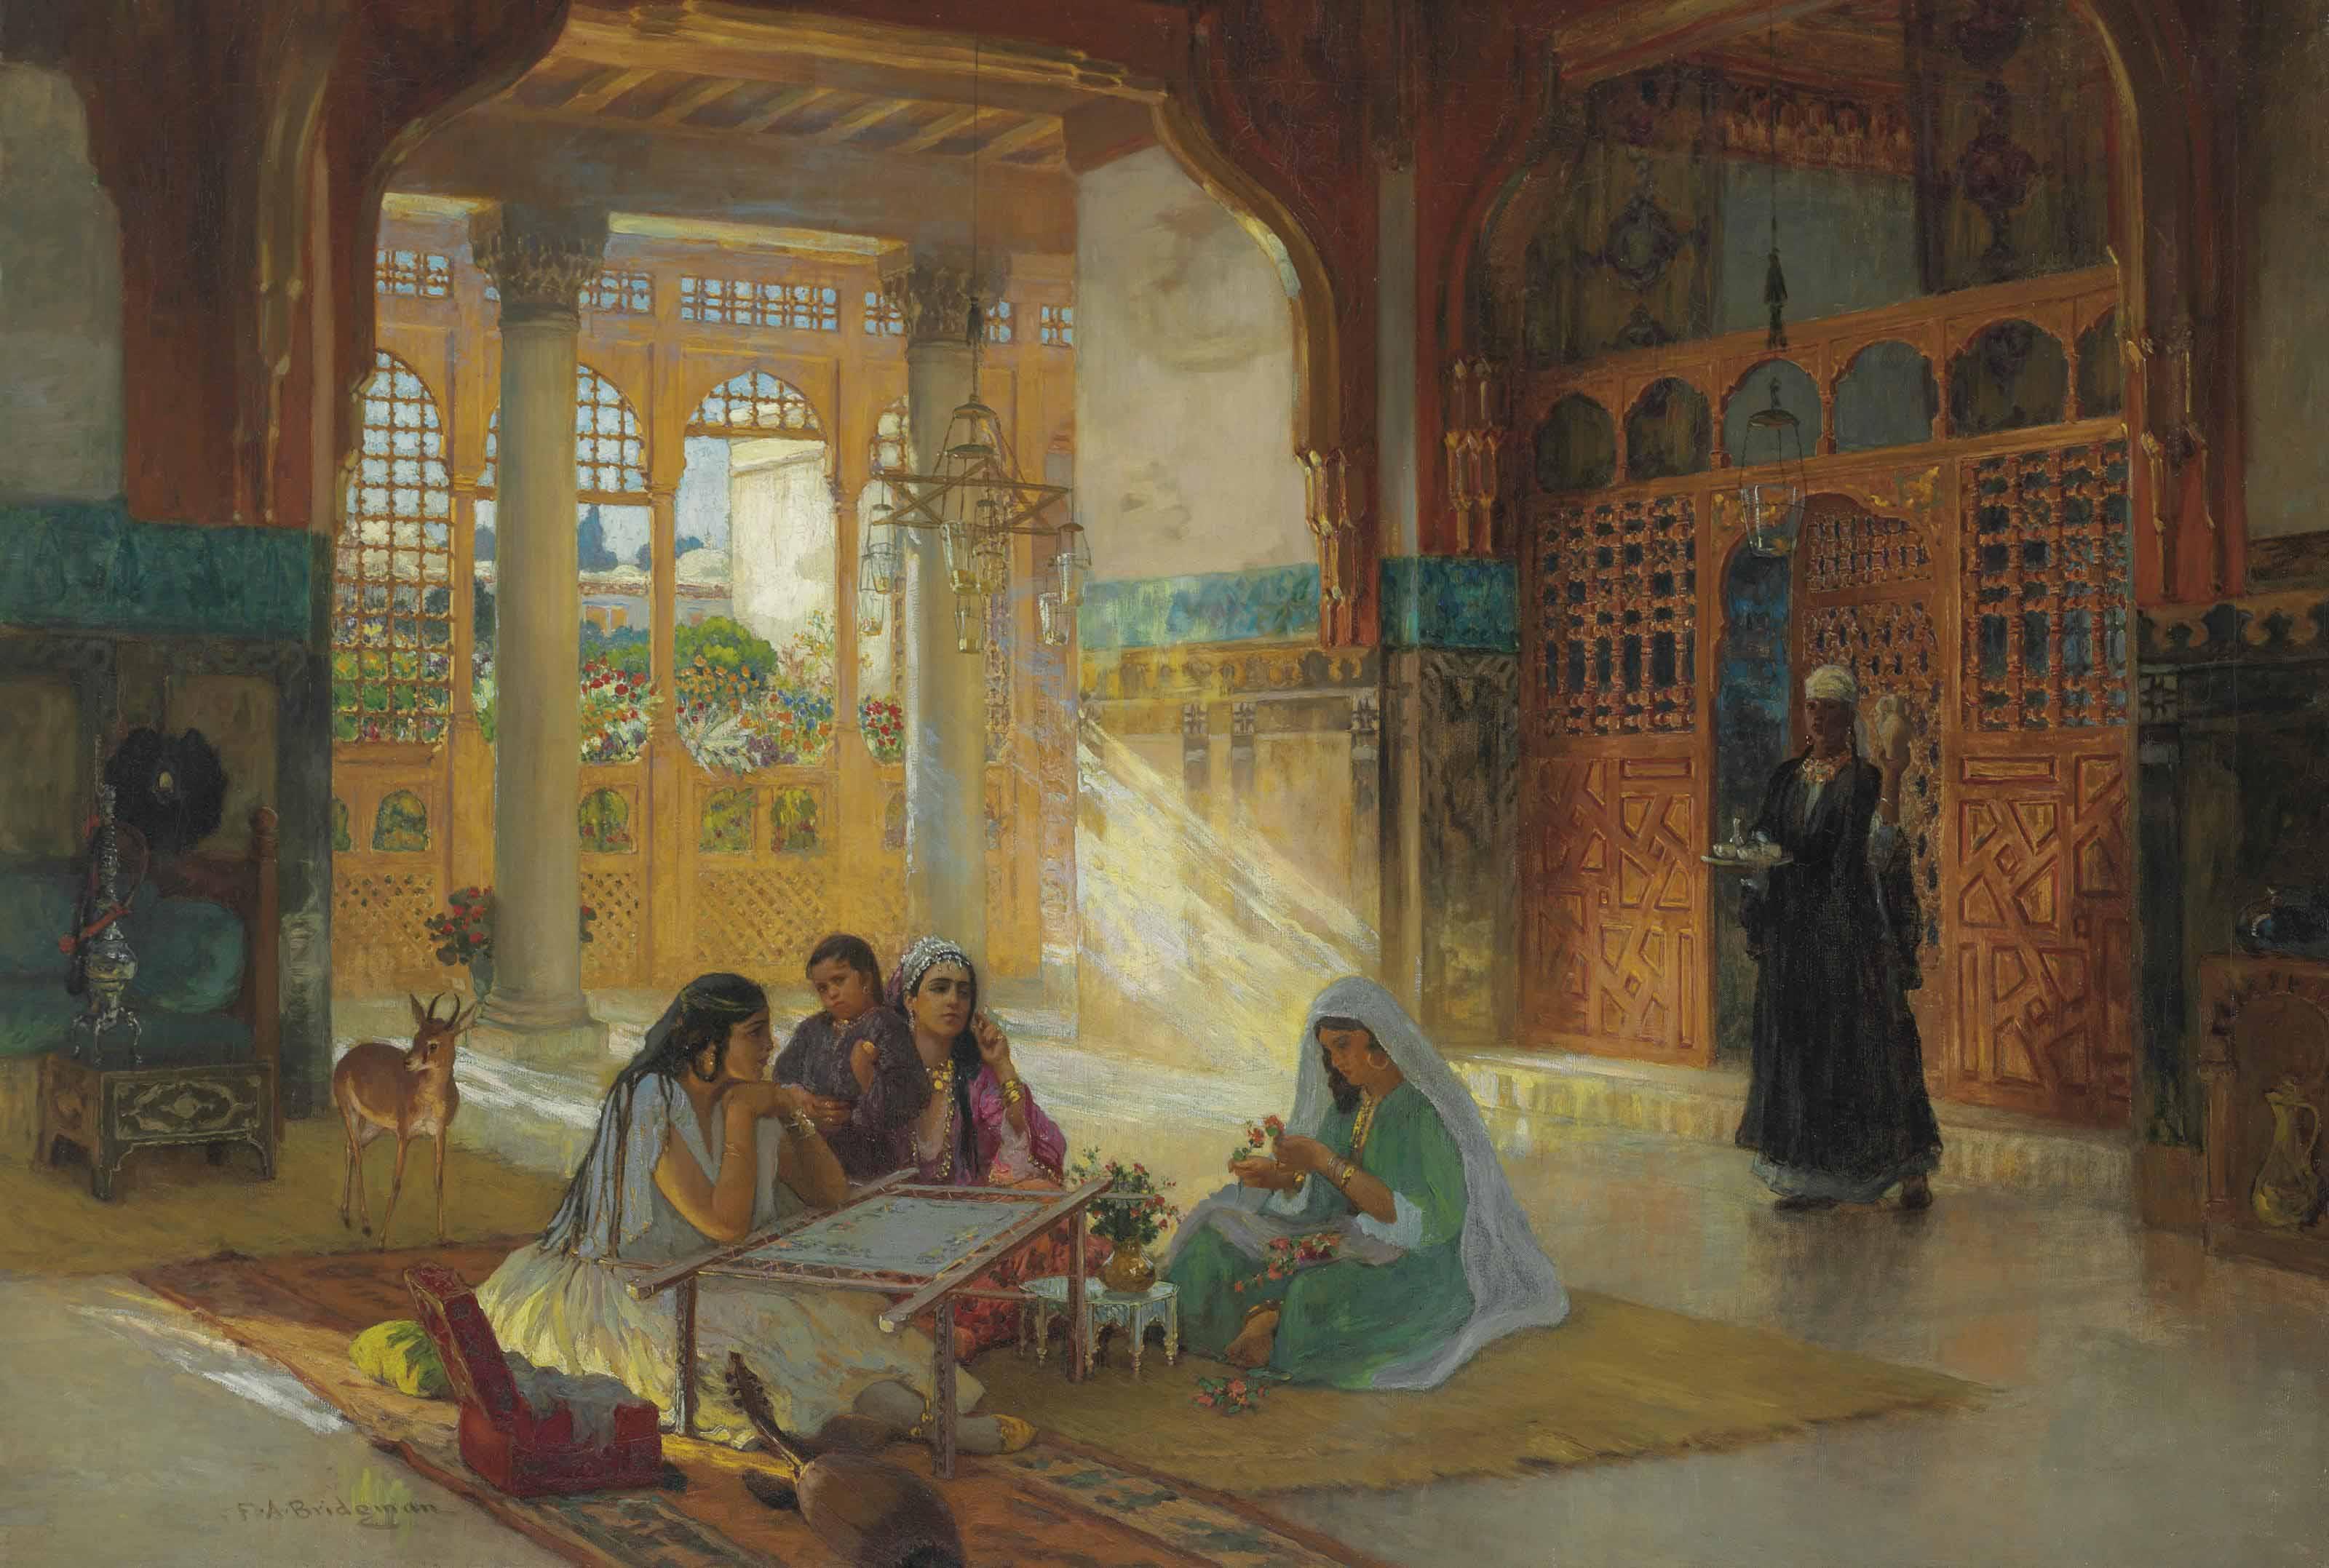 Interieur d'un palais Arabe